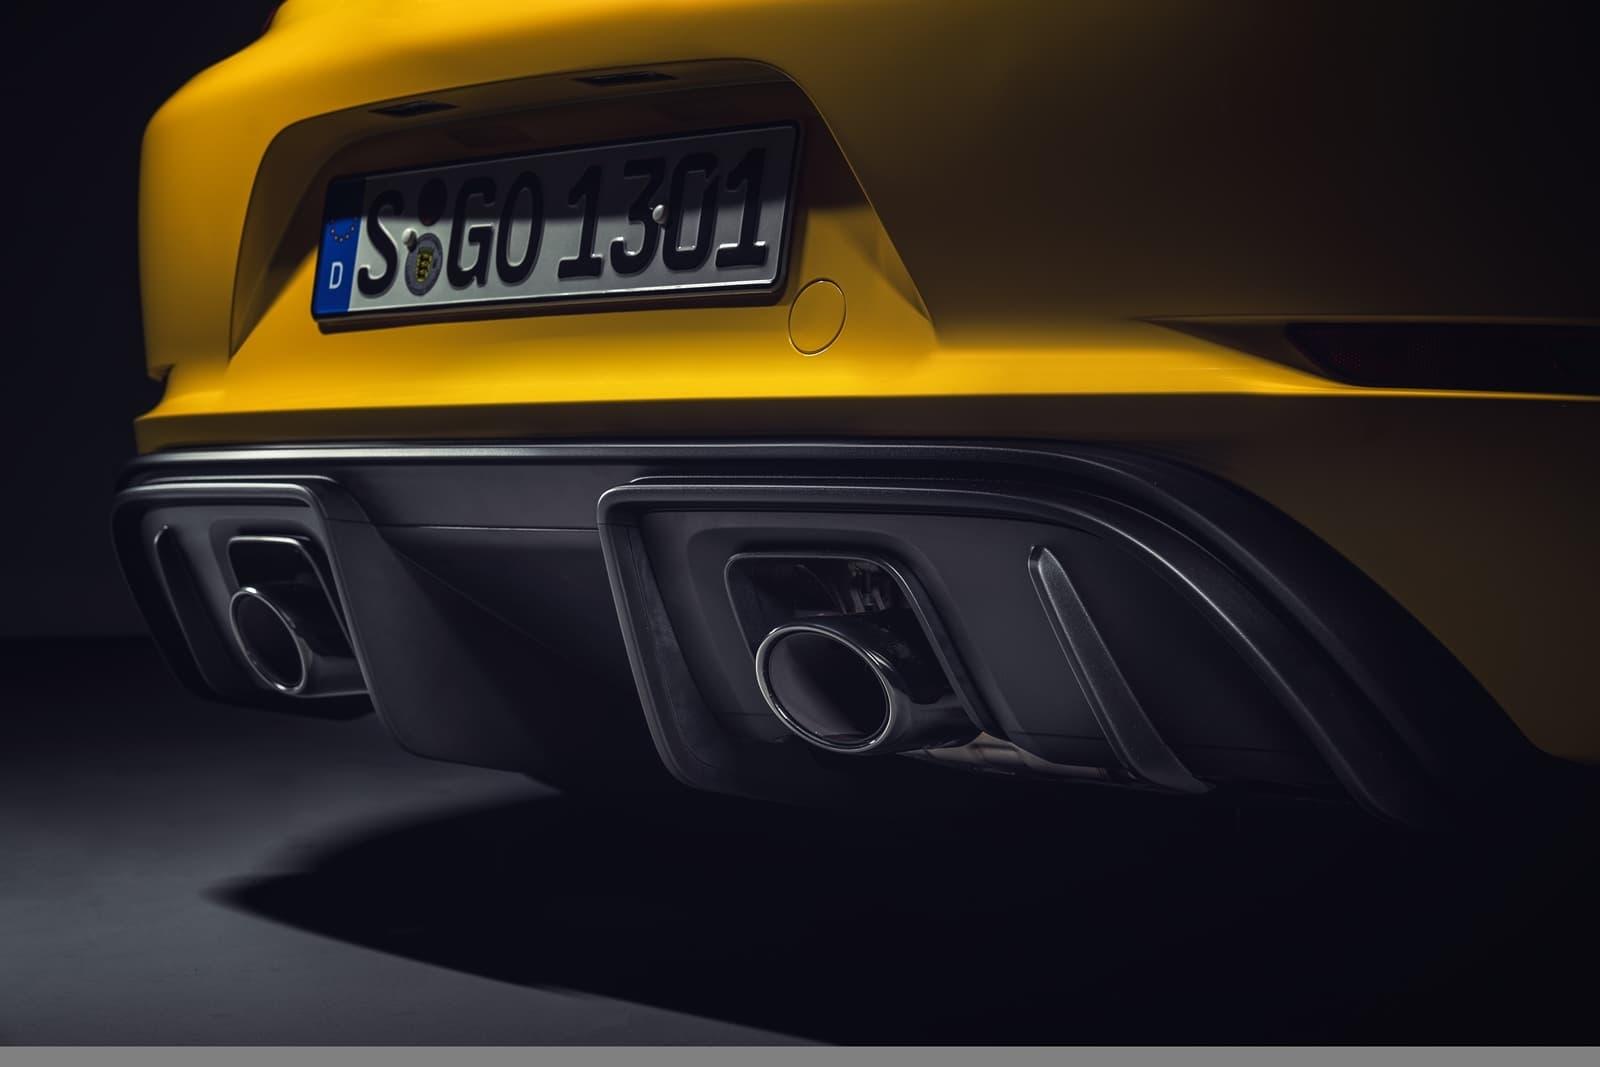 Porsche 718 Cayman Gt4 2019 0619 003